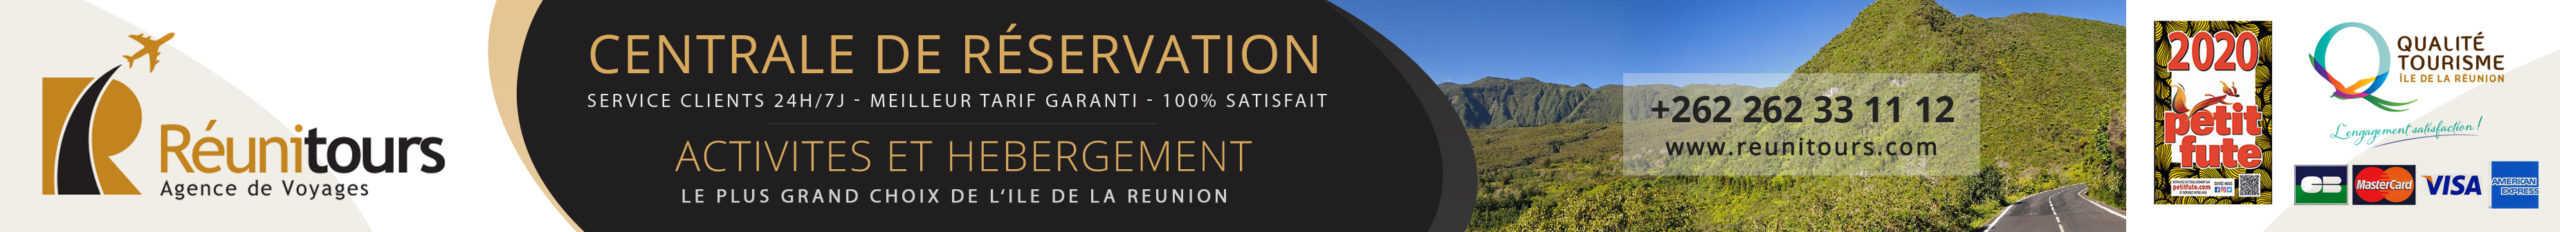 Bandeau centrale de réservation Tourisme Réunion